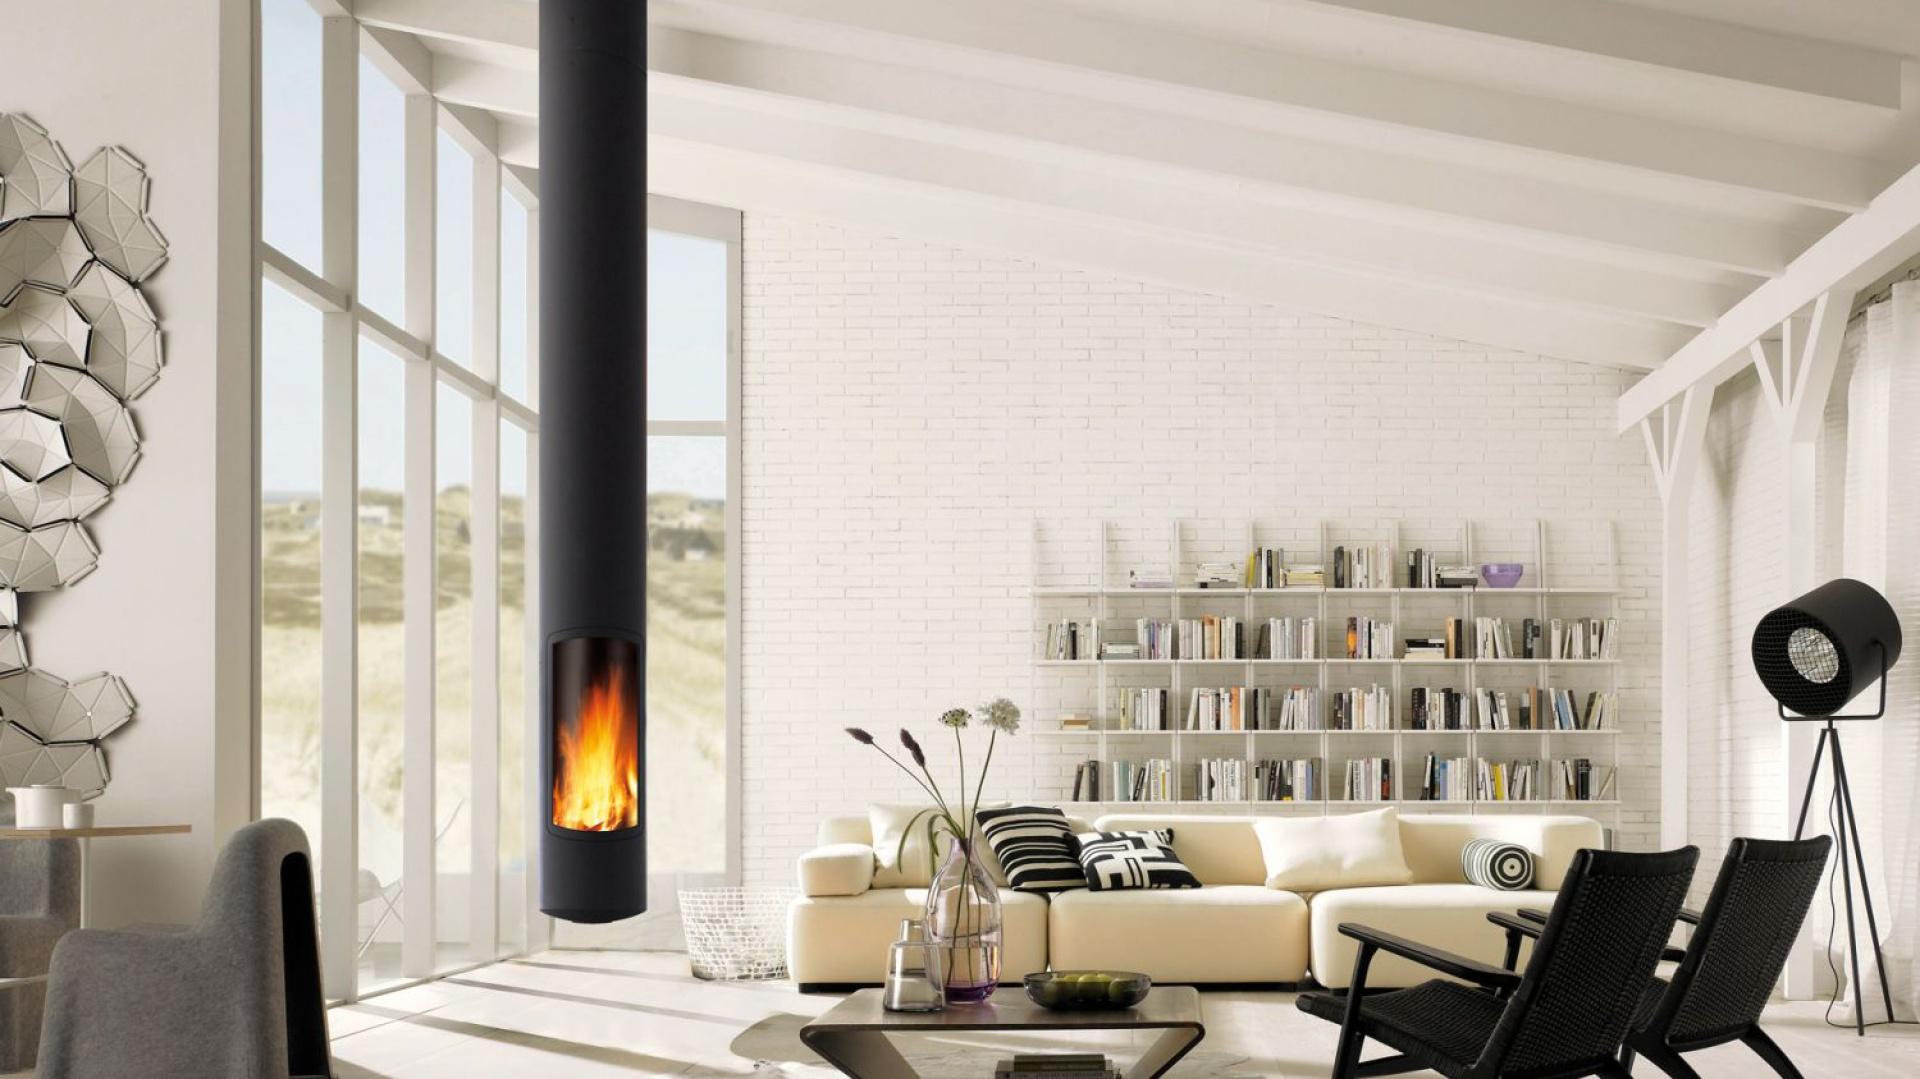 Niezwykle efektowny wiszący kominek o smukłej formie zajął naczelne miejsce w salonie. Fot. Focus/Koperfam, kominek Slimfocus.